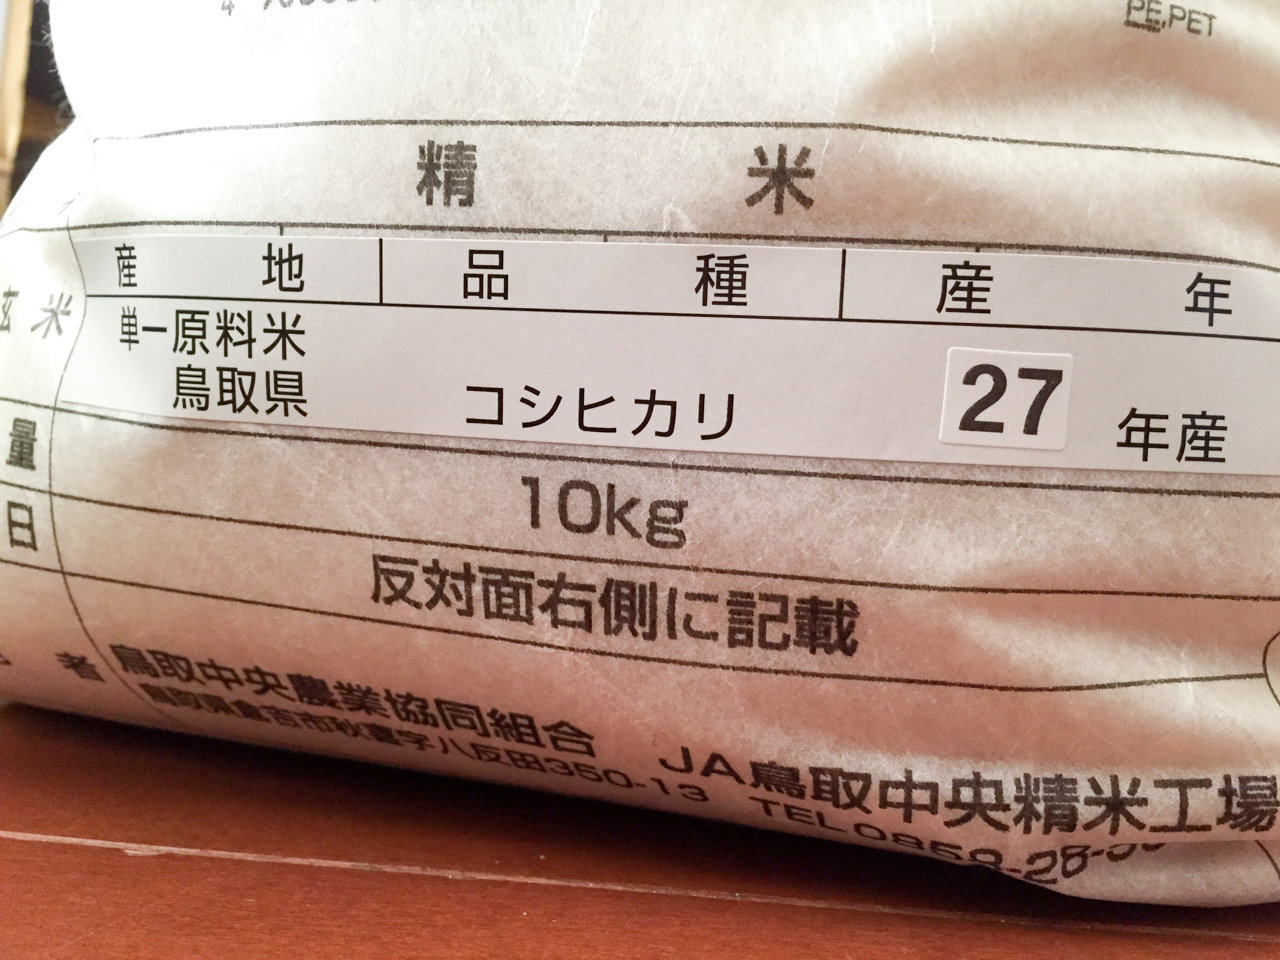 ふるさと納税、おすすめNo.1は「無洗米」で間違いない